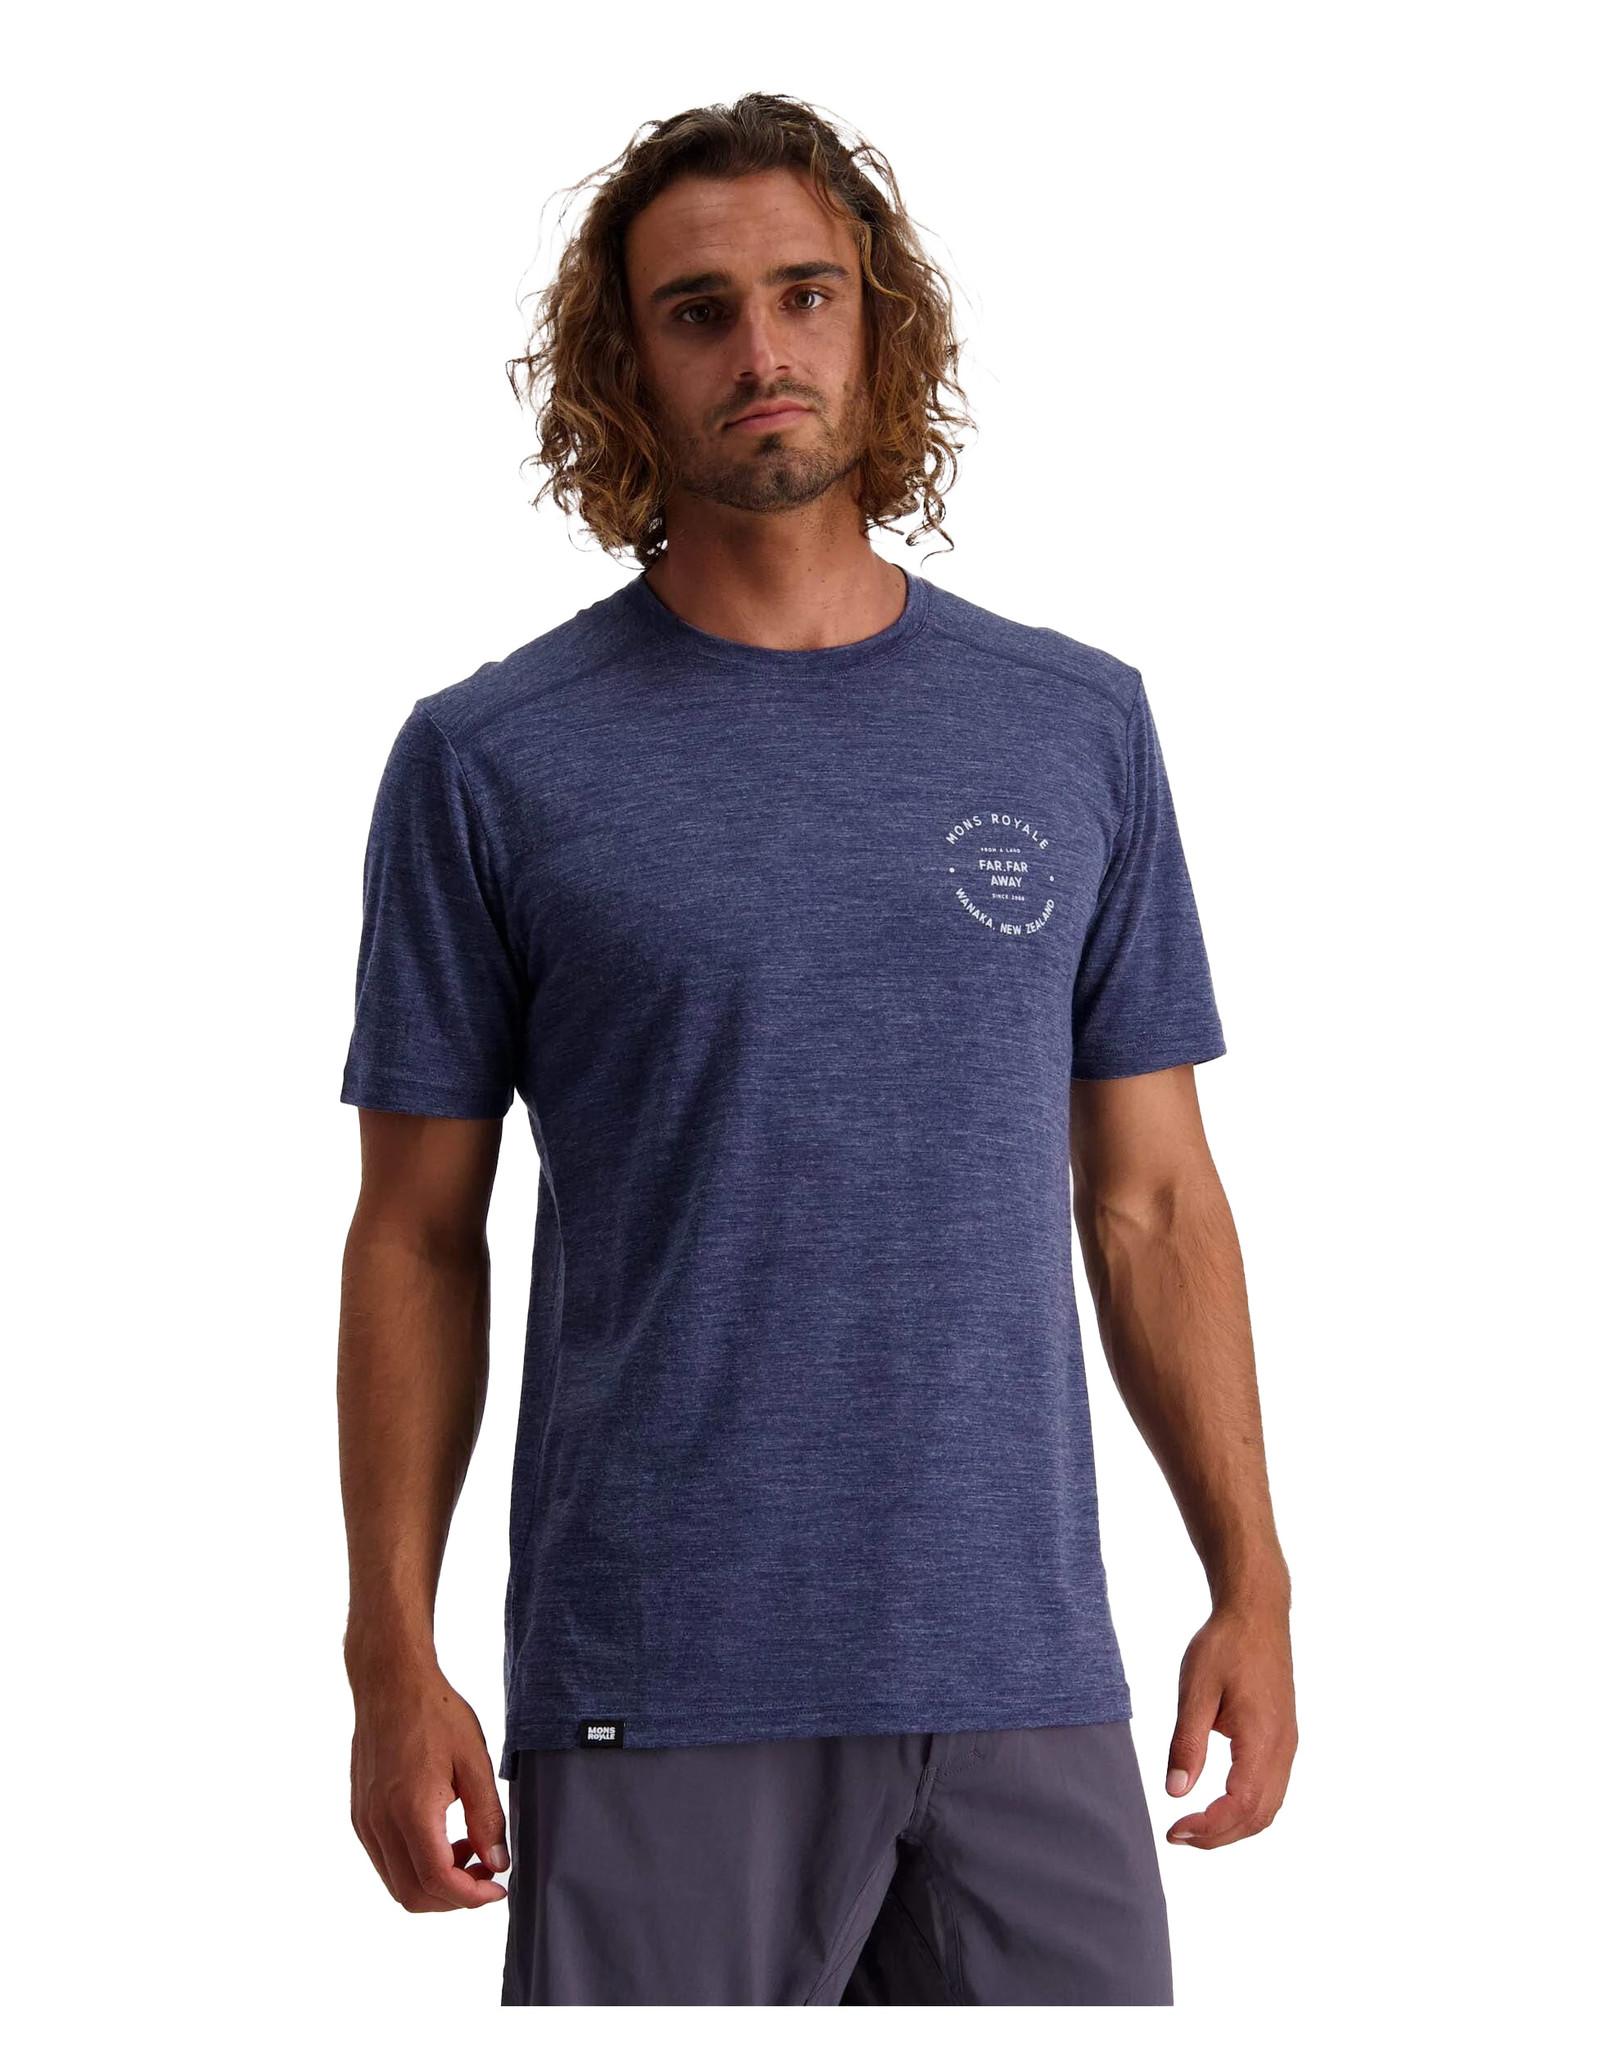 Mons Royale T-Shirt Mons Royale Vapour